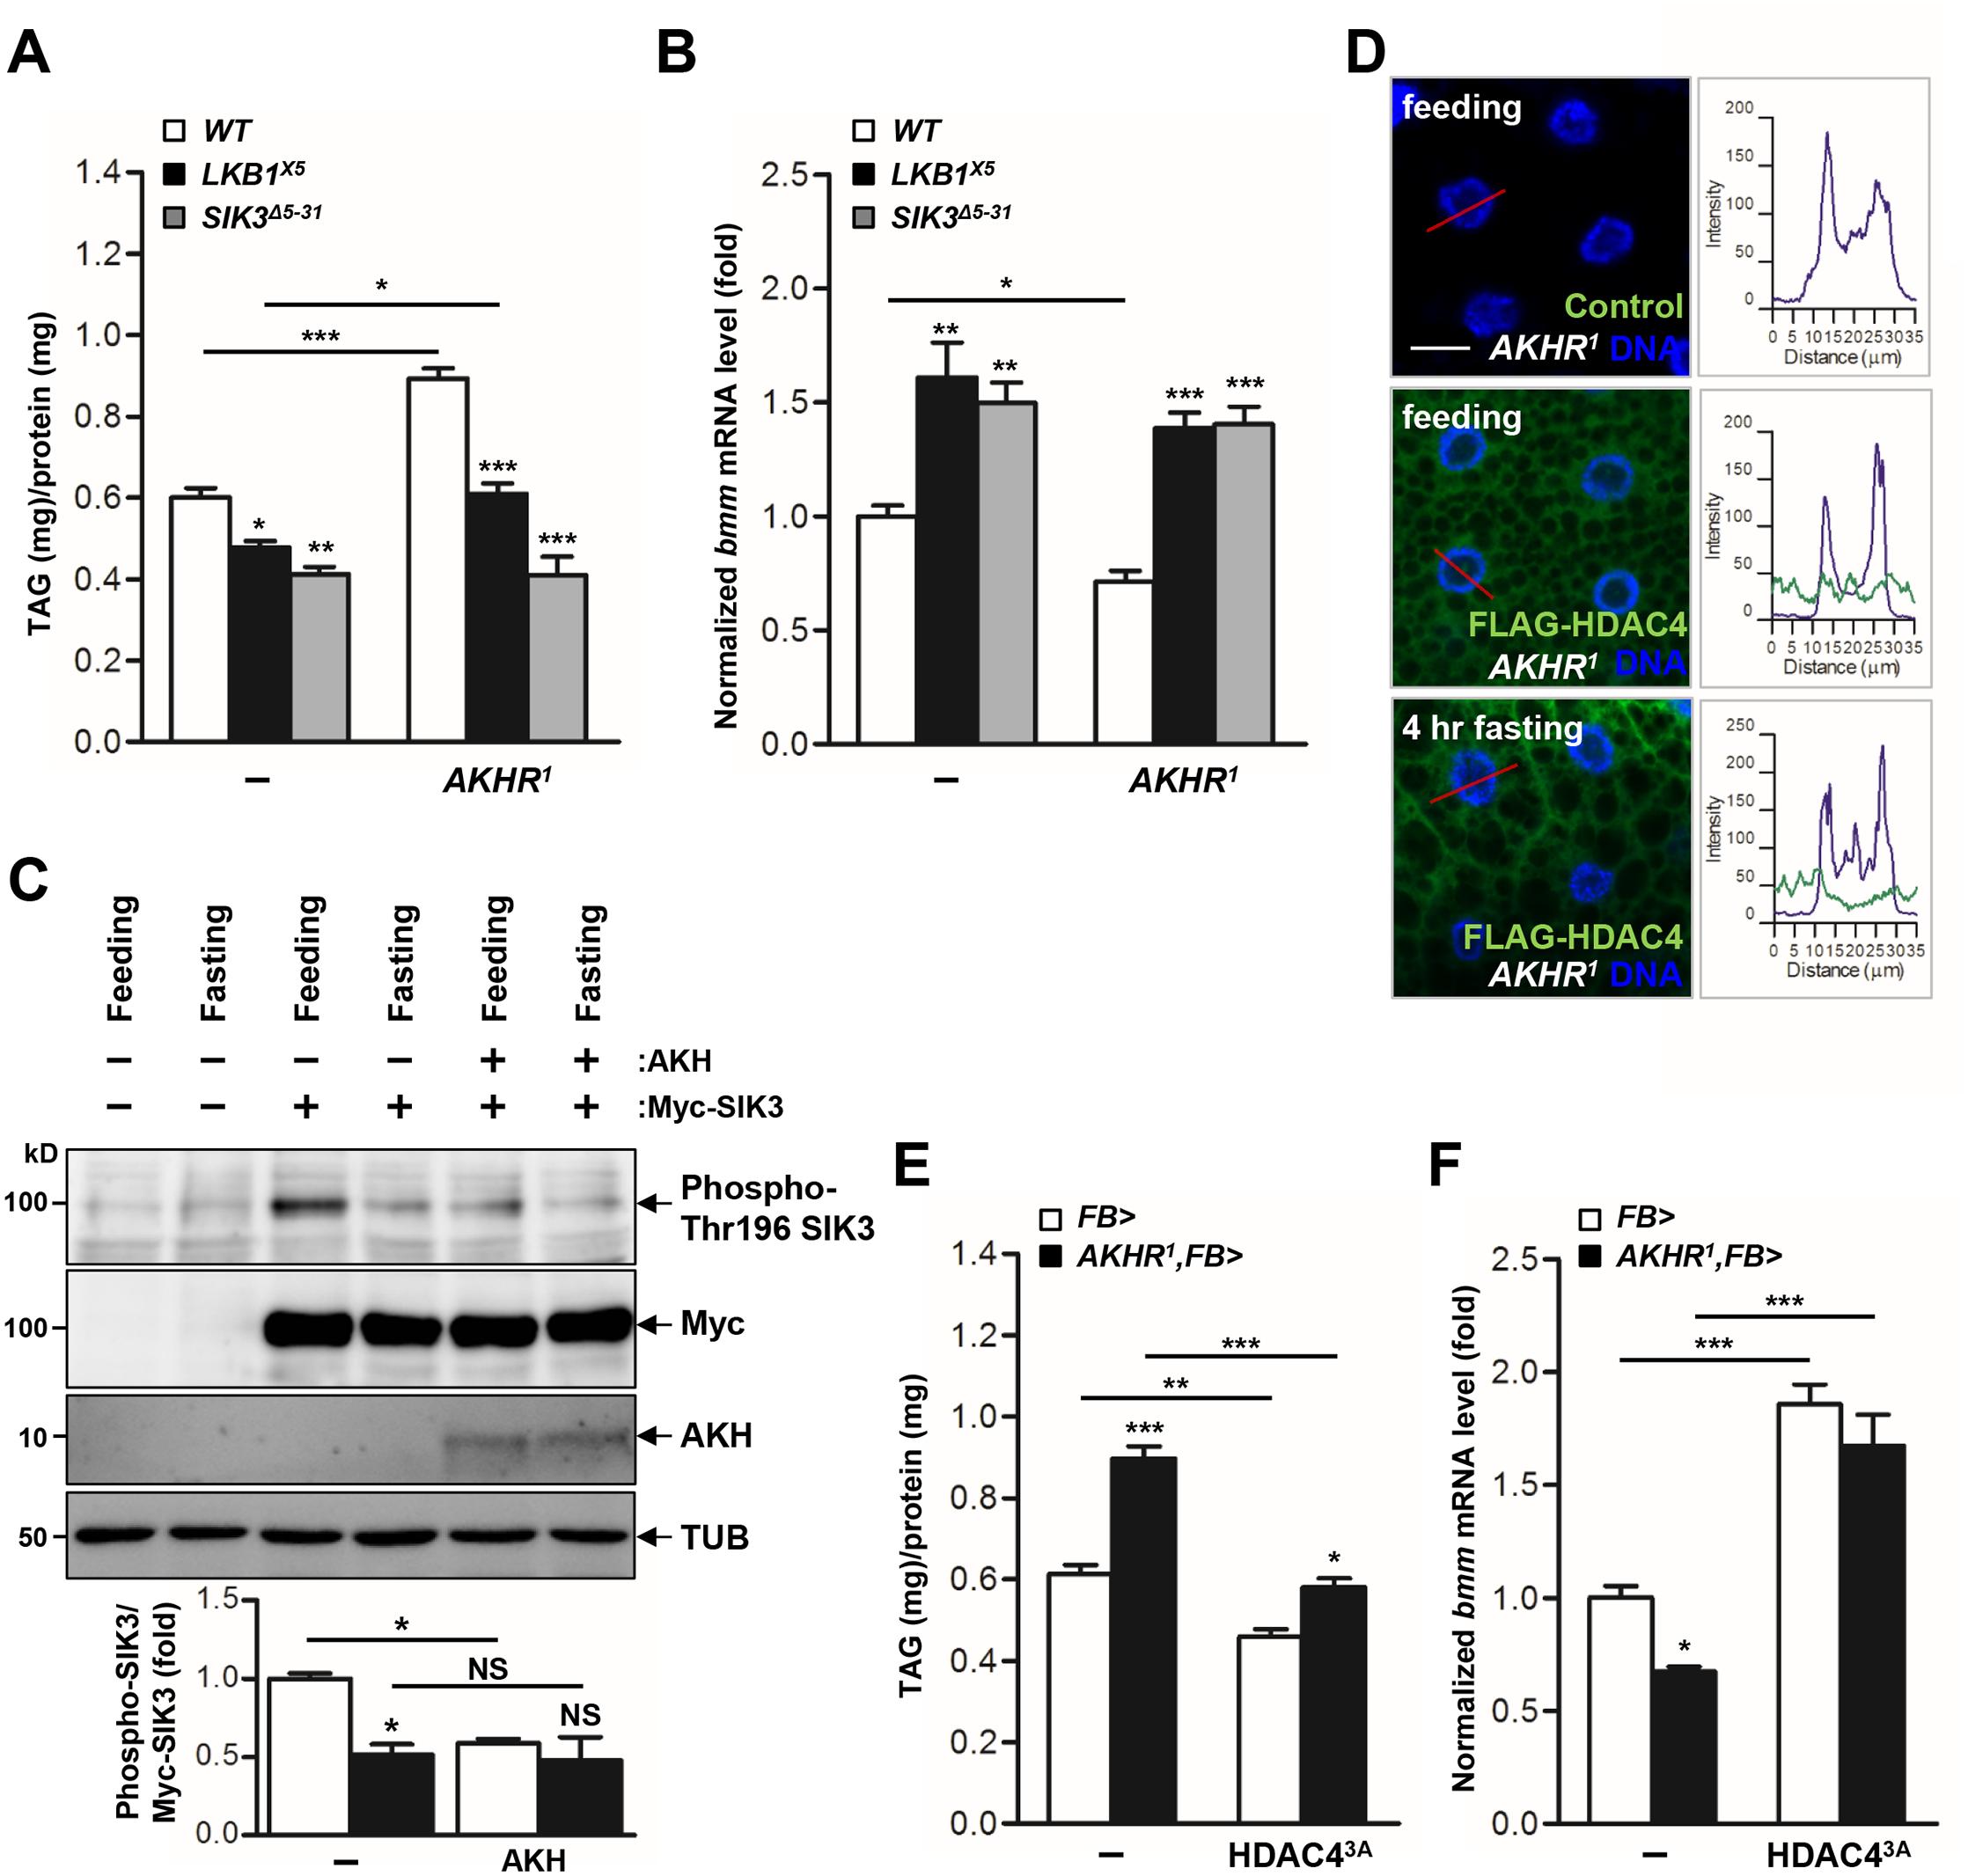 The AKH pathway regulates LKB1-SIK3-HDAC4 signaling to control lipid homeostasis.